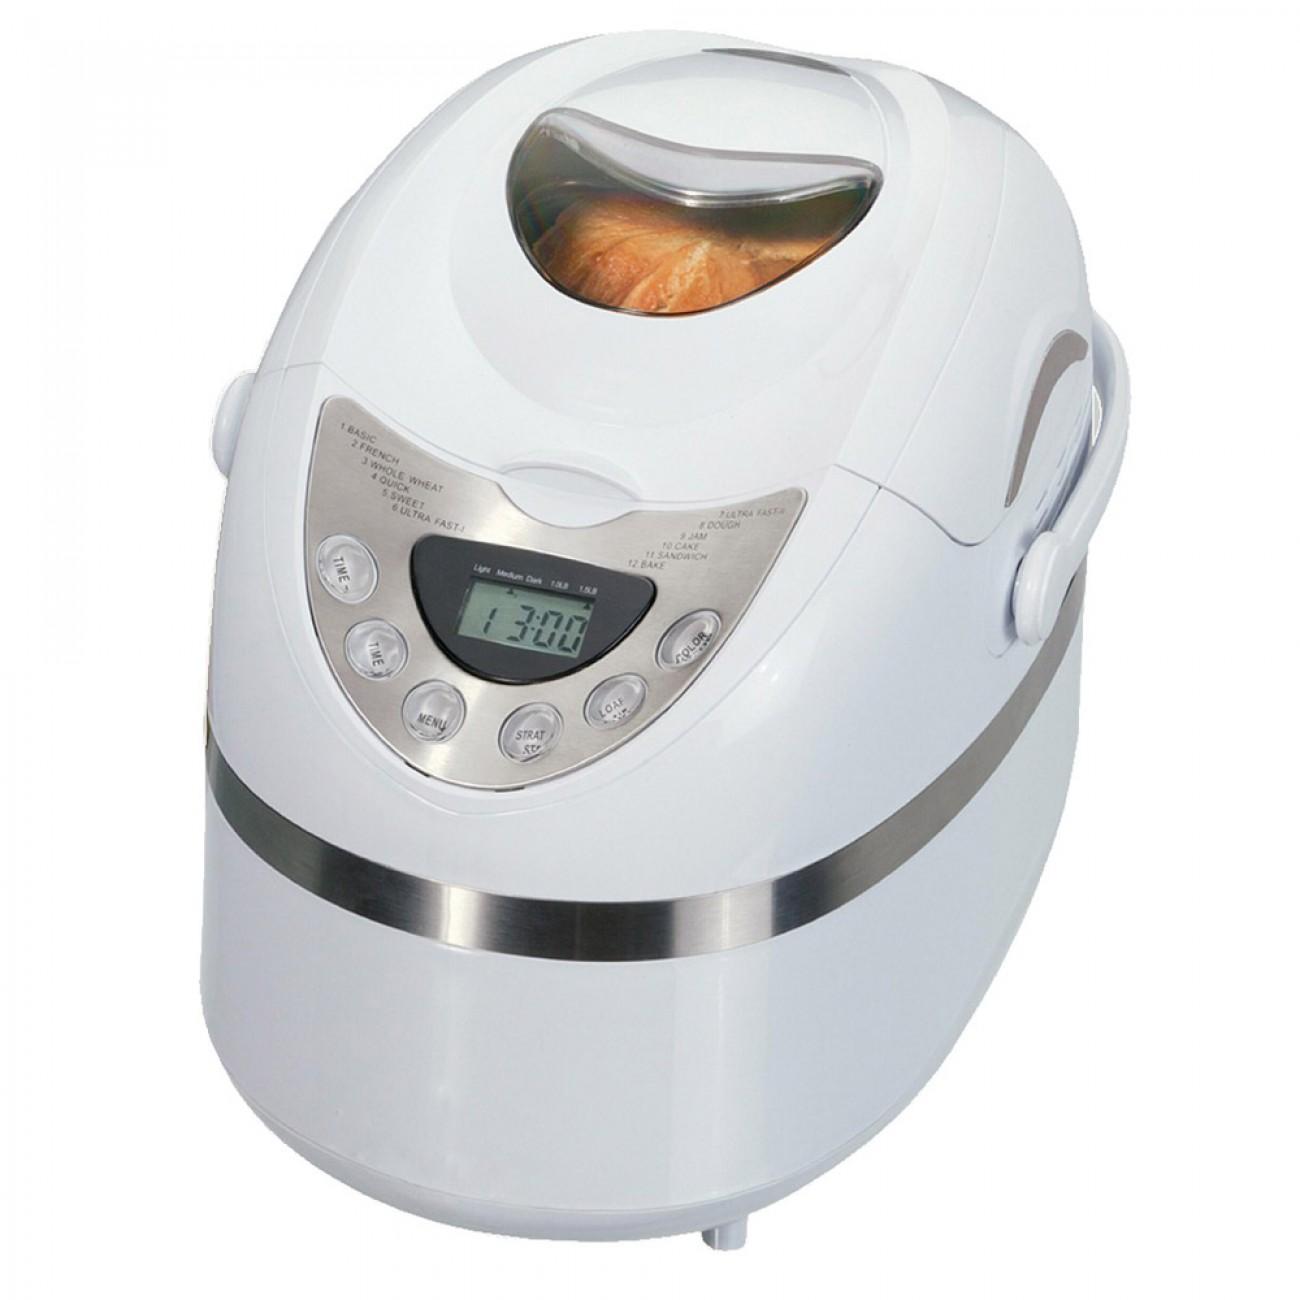 Хлебопекарна IQ EX-2165, 600W, 900 гр, 12 програми, Таймер, Регулиране загара на коричката, Бял в Хлебопекарни - IQ | Alleop